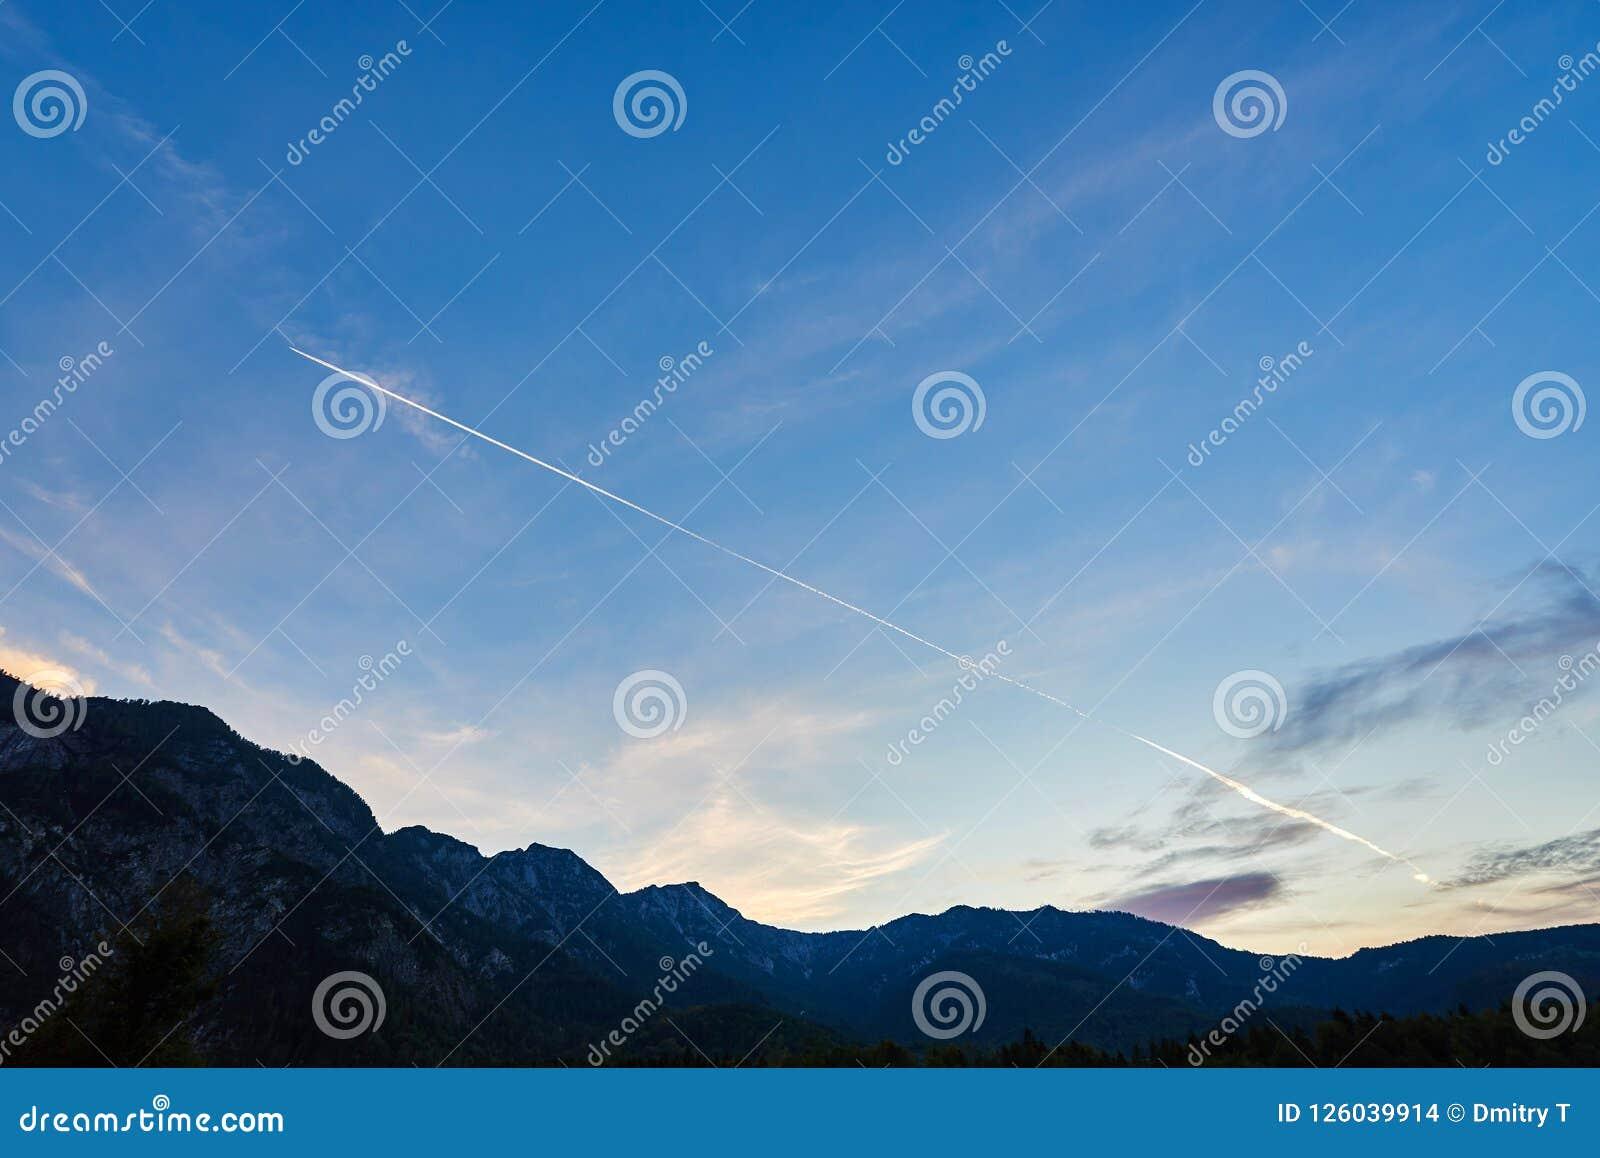 Voo do avião no céu azul entre nuvens, luz solar e montanhas no por do sol Áustria, Salzkammergut Alpes austríacos